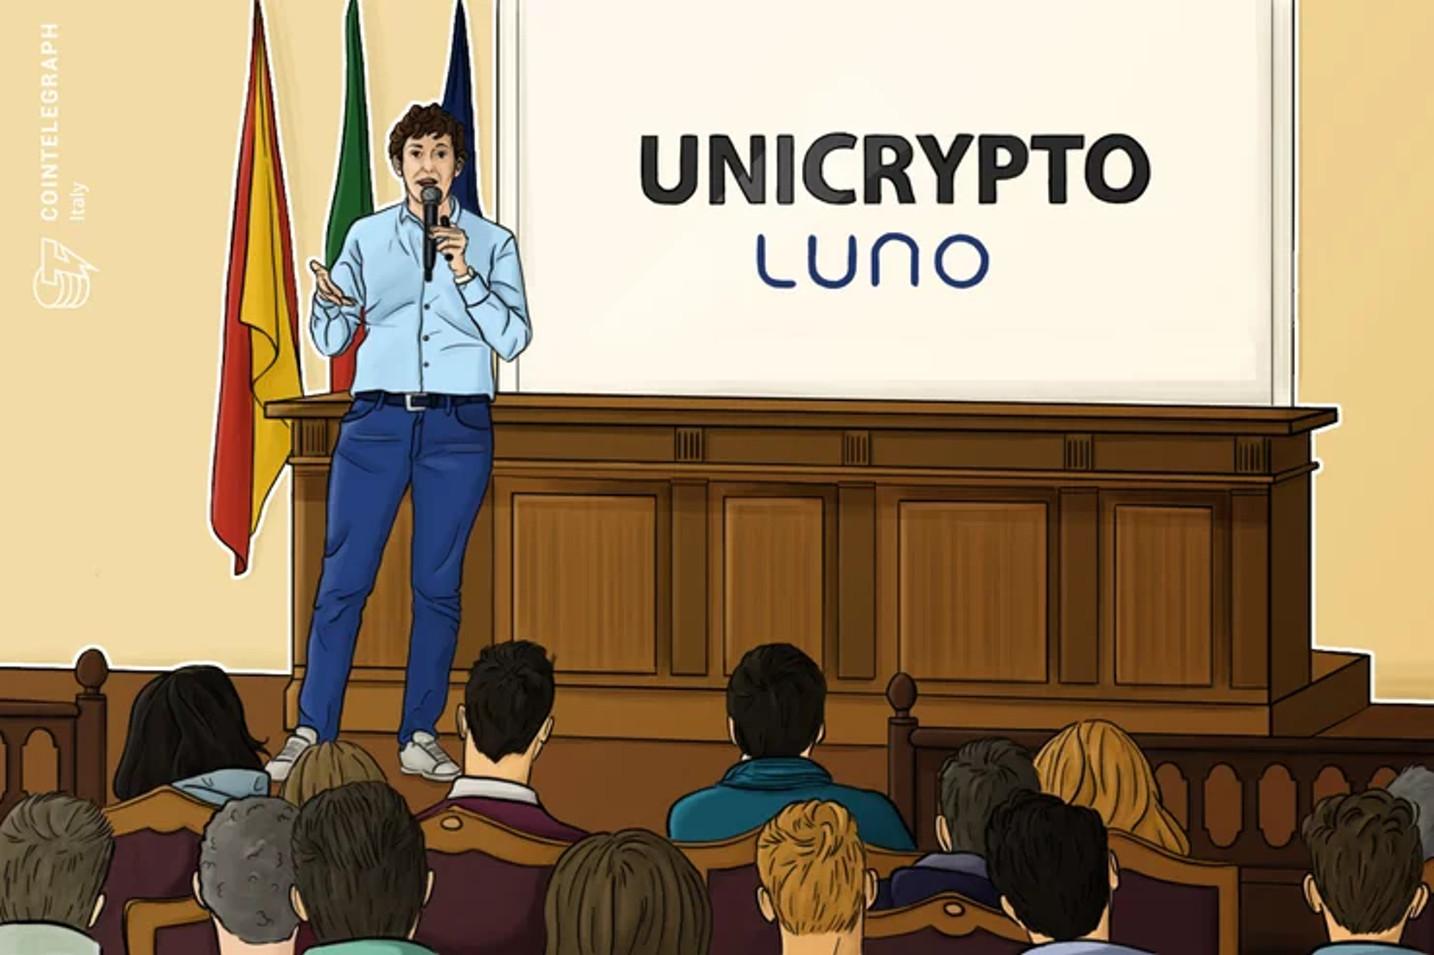 Il tour di lezioni sulle criptovalute Unicrypto arriva all'Università degli Studi di Napoli